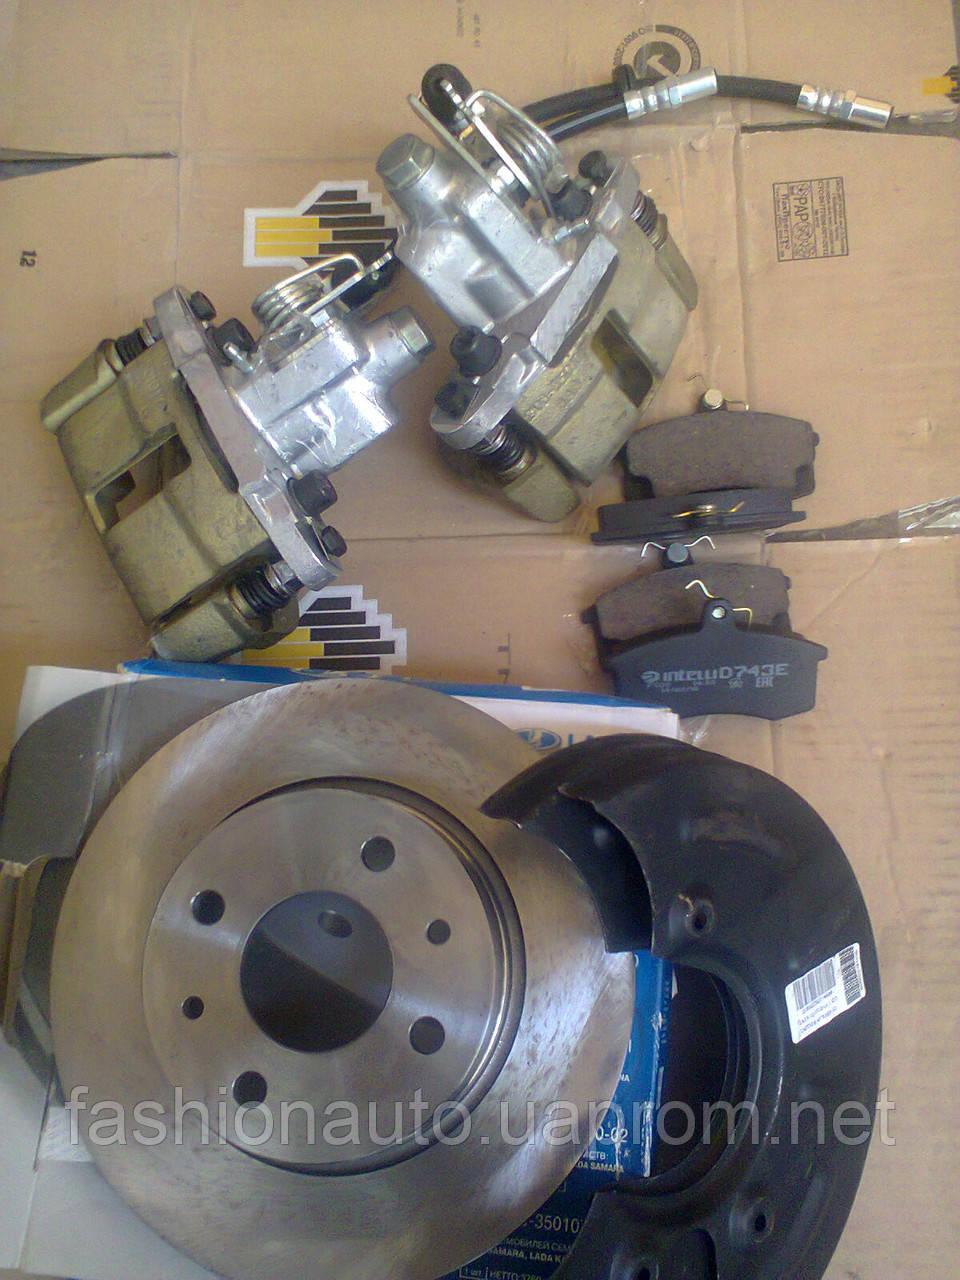 Задние дисковые тормоза ВАЗ 2108-15, 2110-12, Приора-Калина Заводской тюнинг (троссовый ручник)